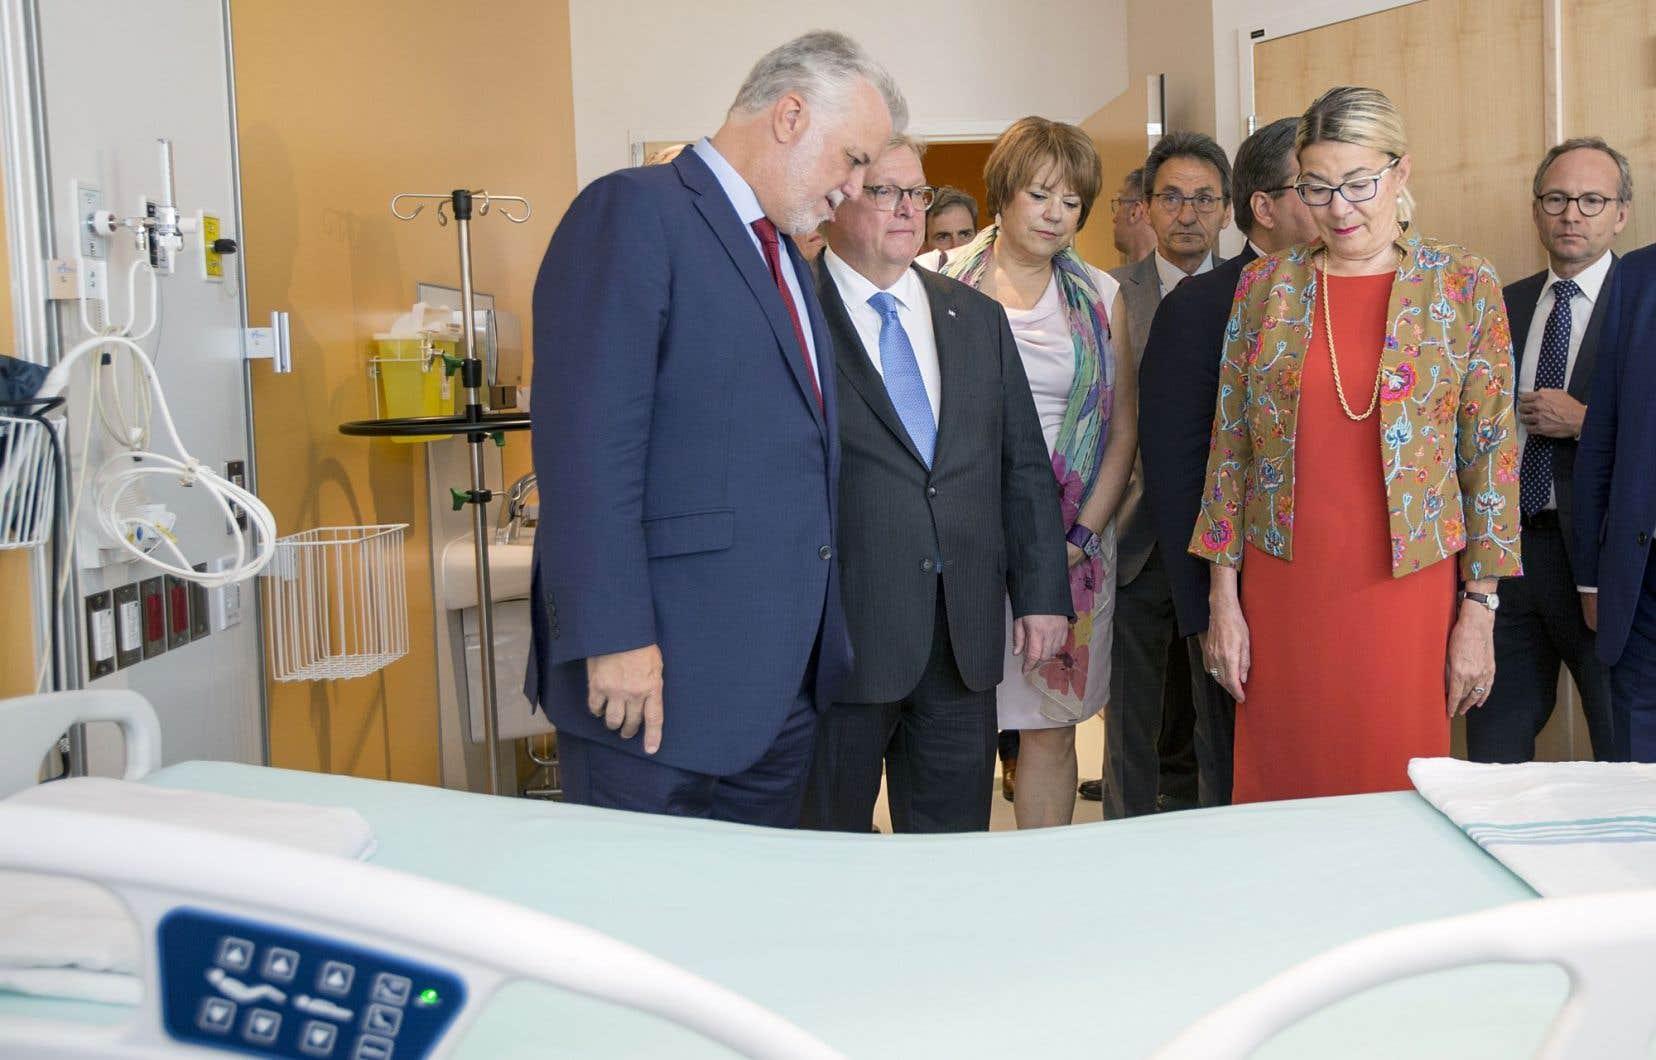 Le premier ministre, Philippe Couillard, le ministre de la santé, Gaétan Barrette, le maire de Montréal, Denis Coderre, ainsi que plusieurs autres représentant gouvernementaux ont découvert les nouveaux locaux du Centre hospitalier de l'Université de Montréal, dimanche.